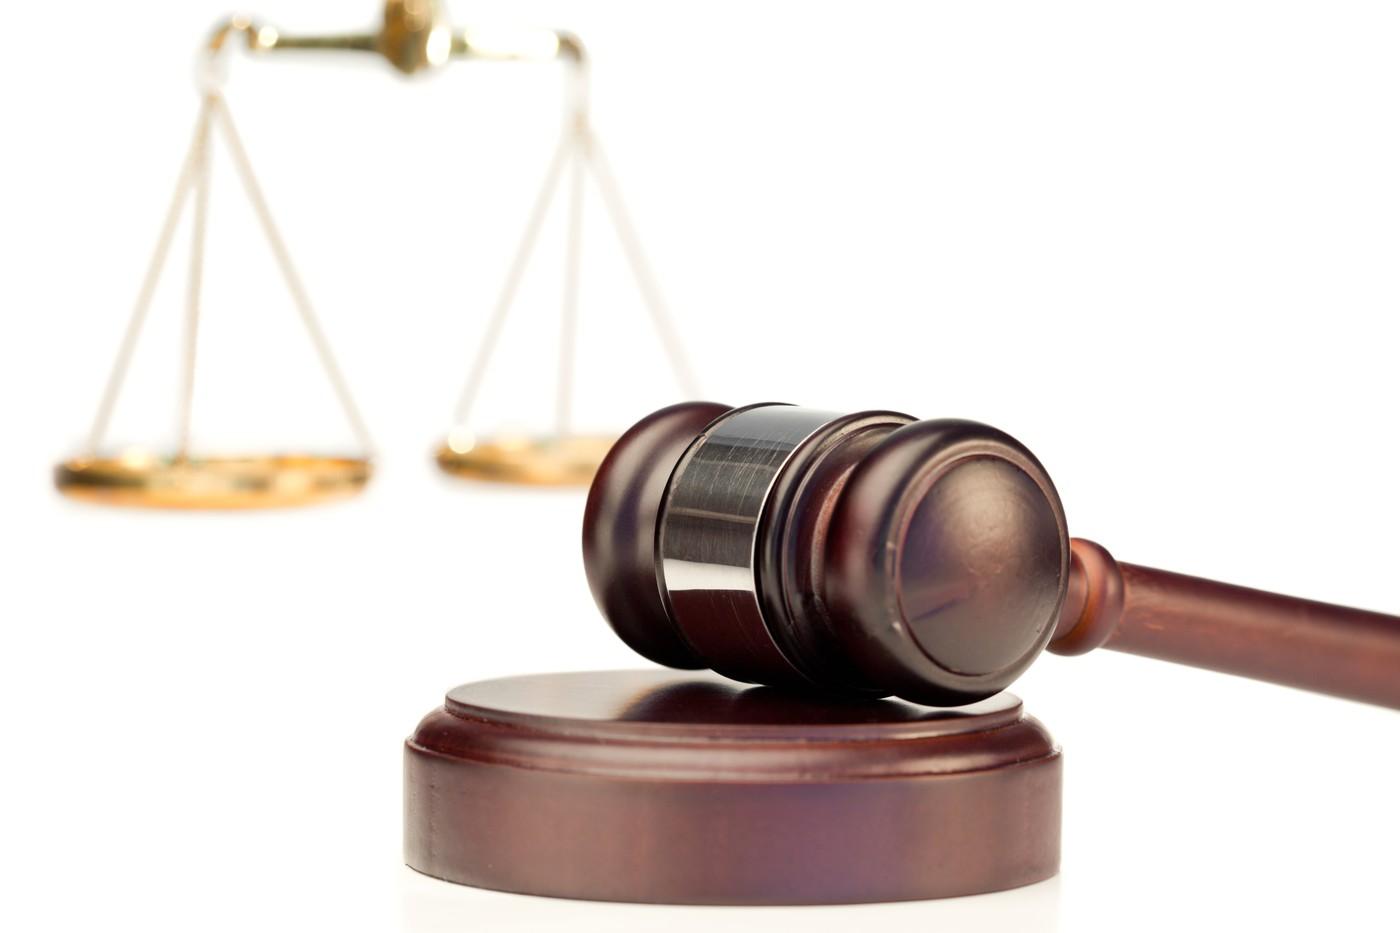 Analitičari: Apsurdno očekivati da Kurti ukine Specijalni sud